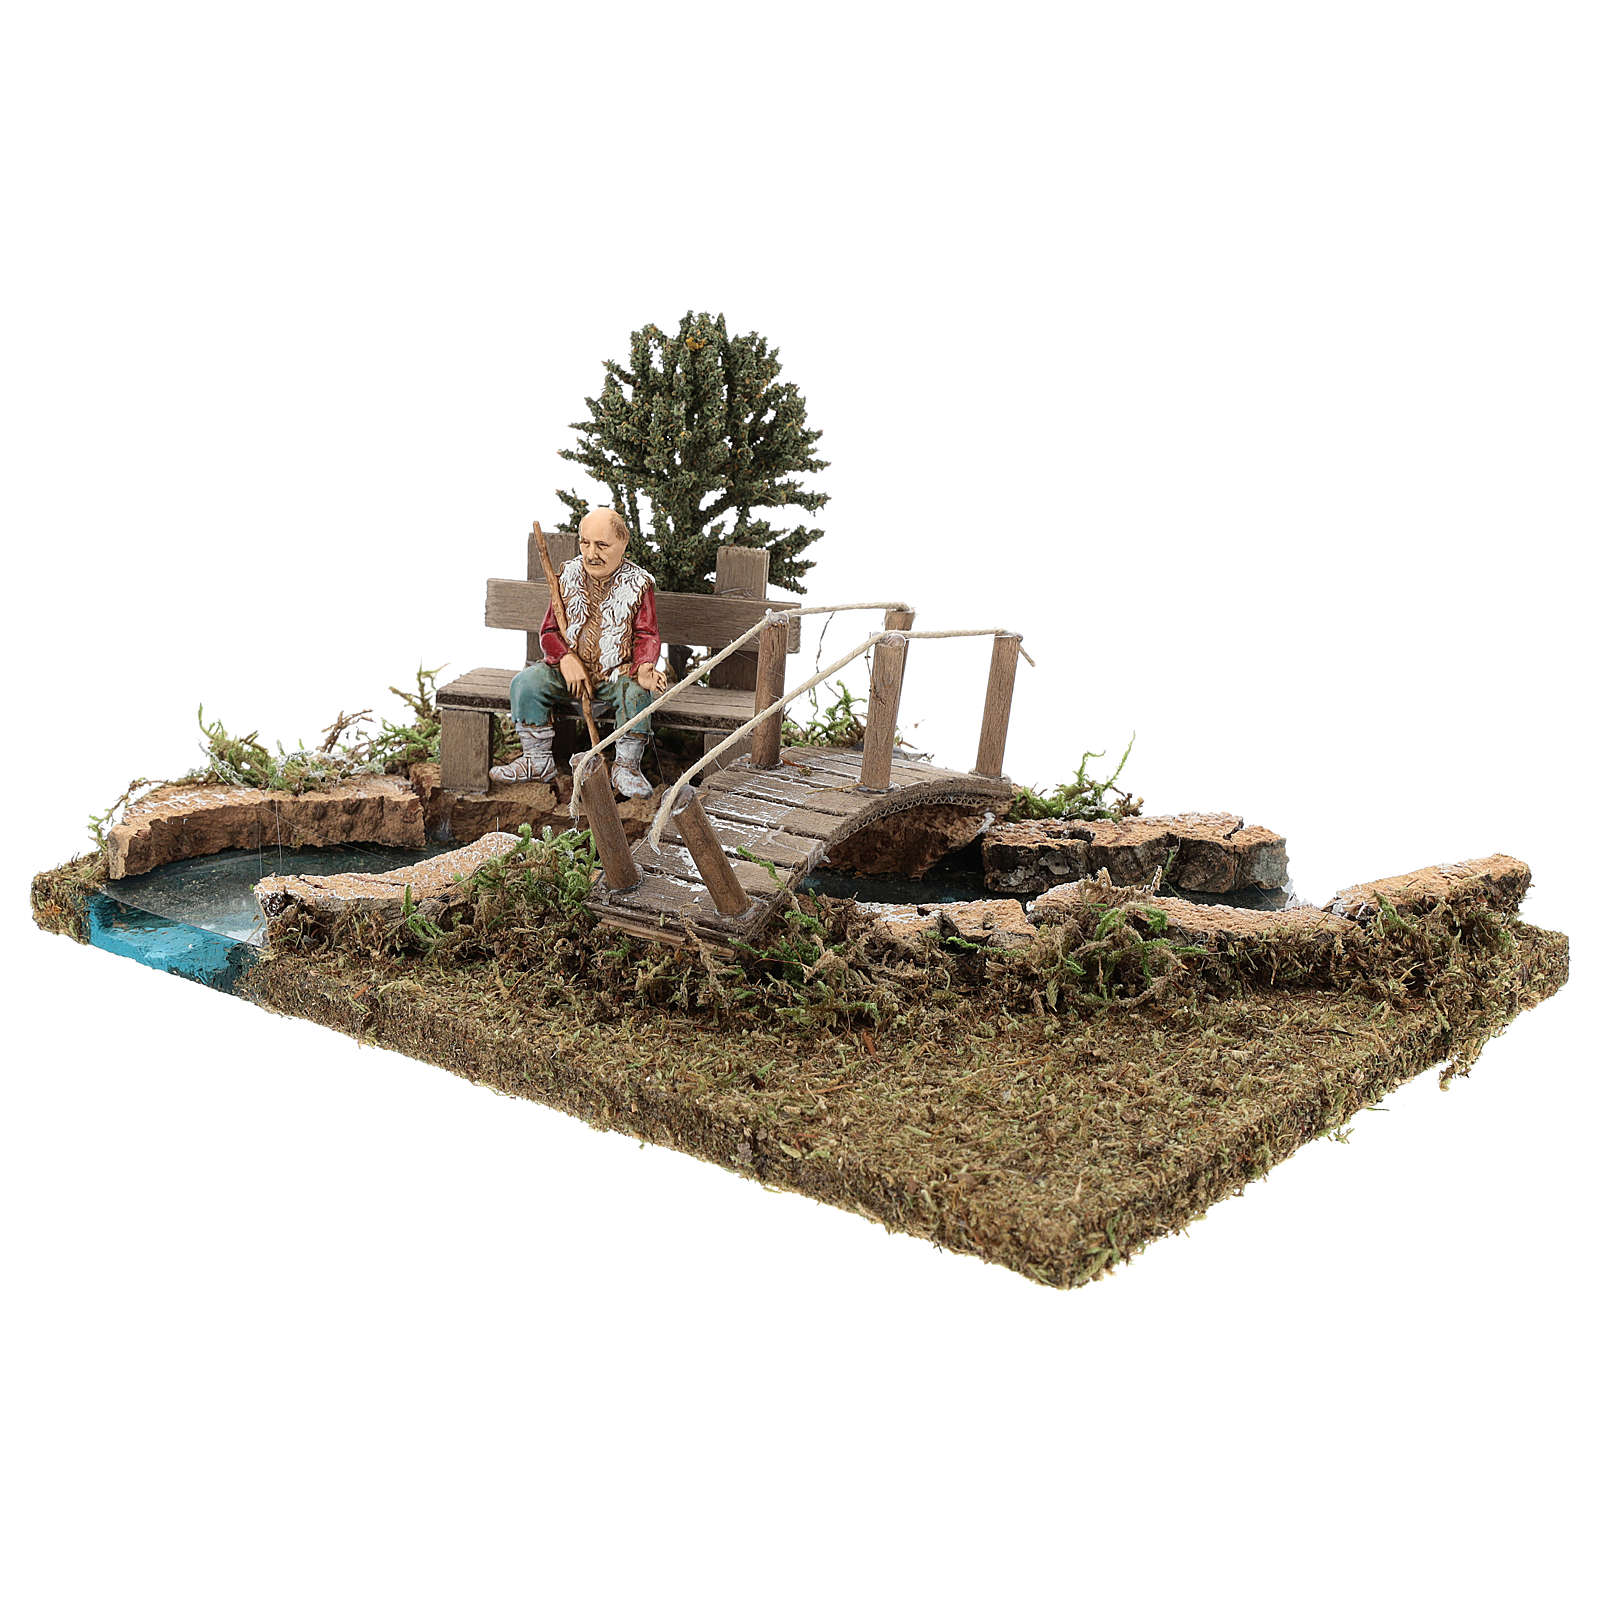 Trecho de río (modular) con puente y viejo 10x25x20 cm belén 8-10 cm 4